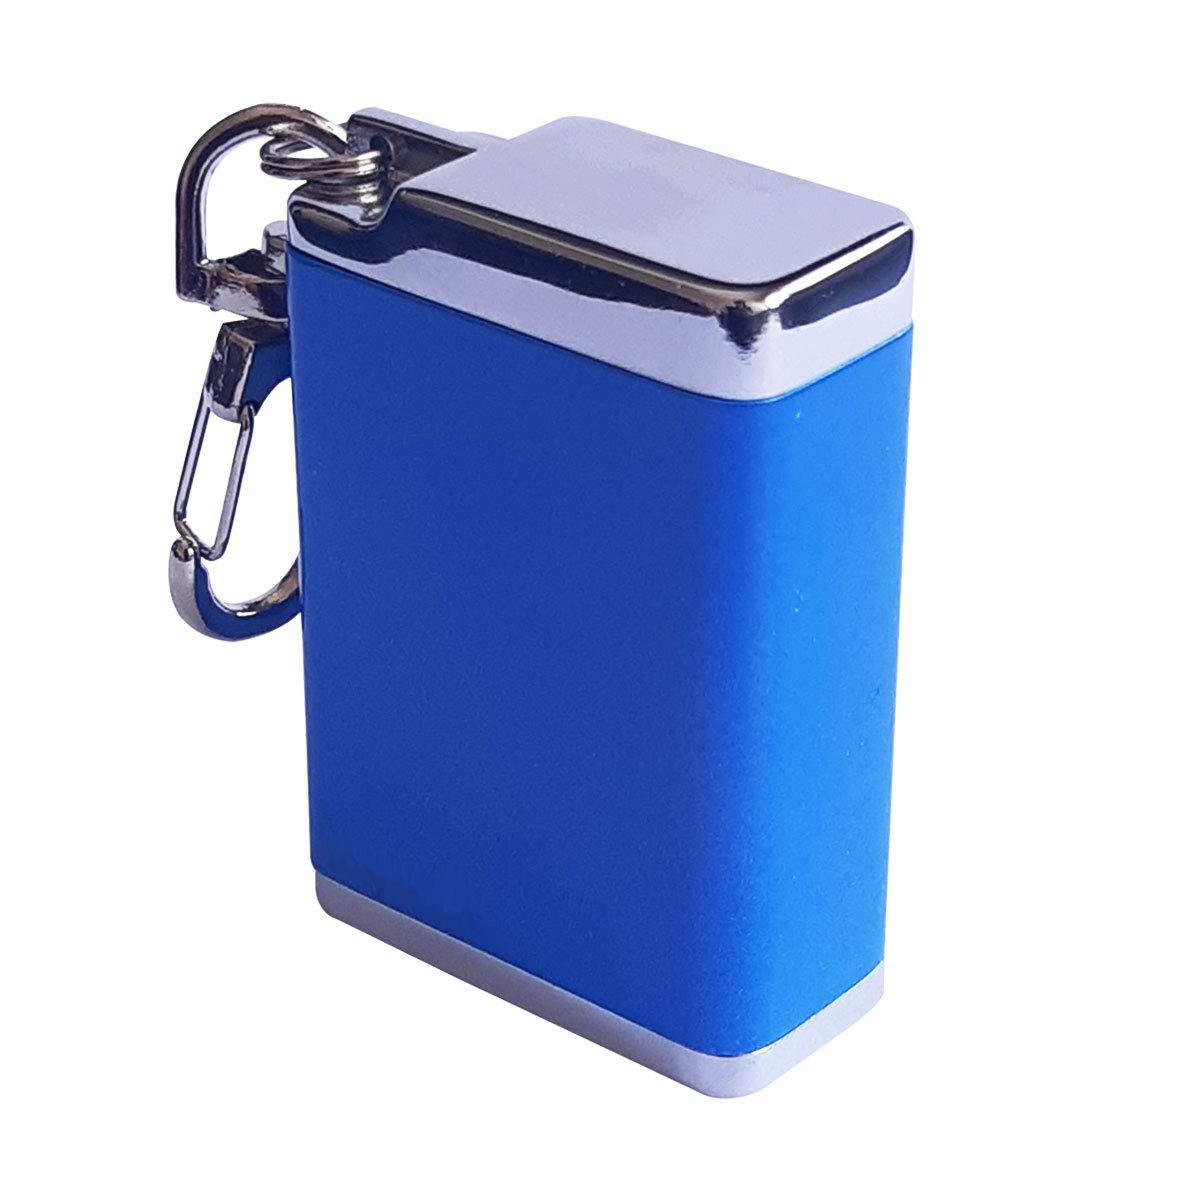 Cendrier de Poche Anti Odeur Aluminium Bleu laqu/é avec Mousqueton